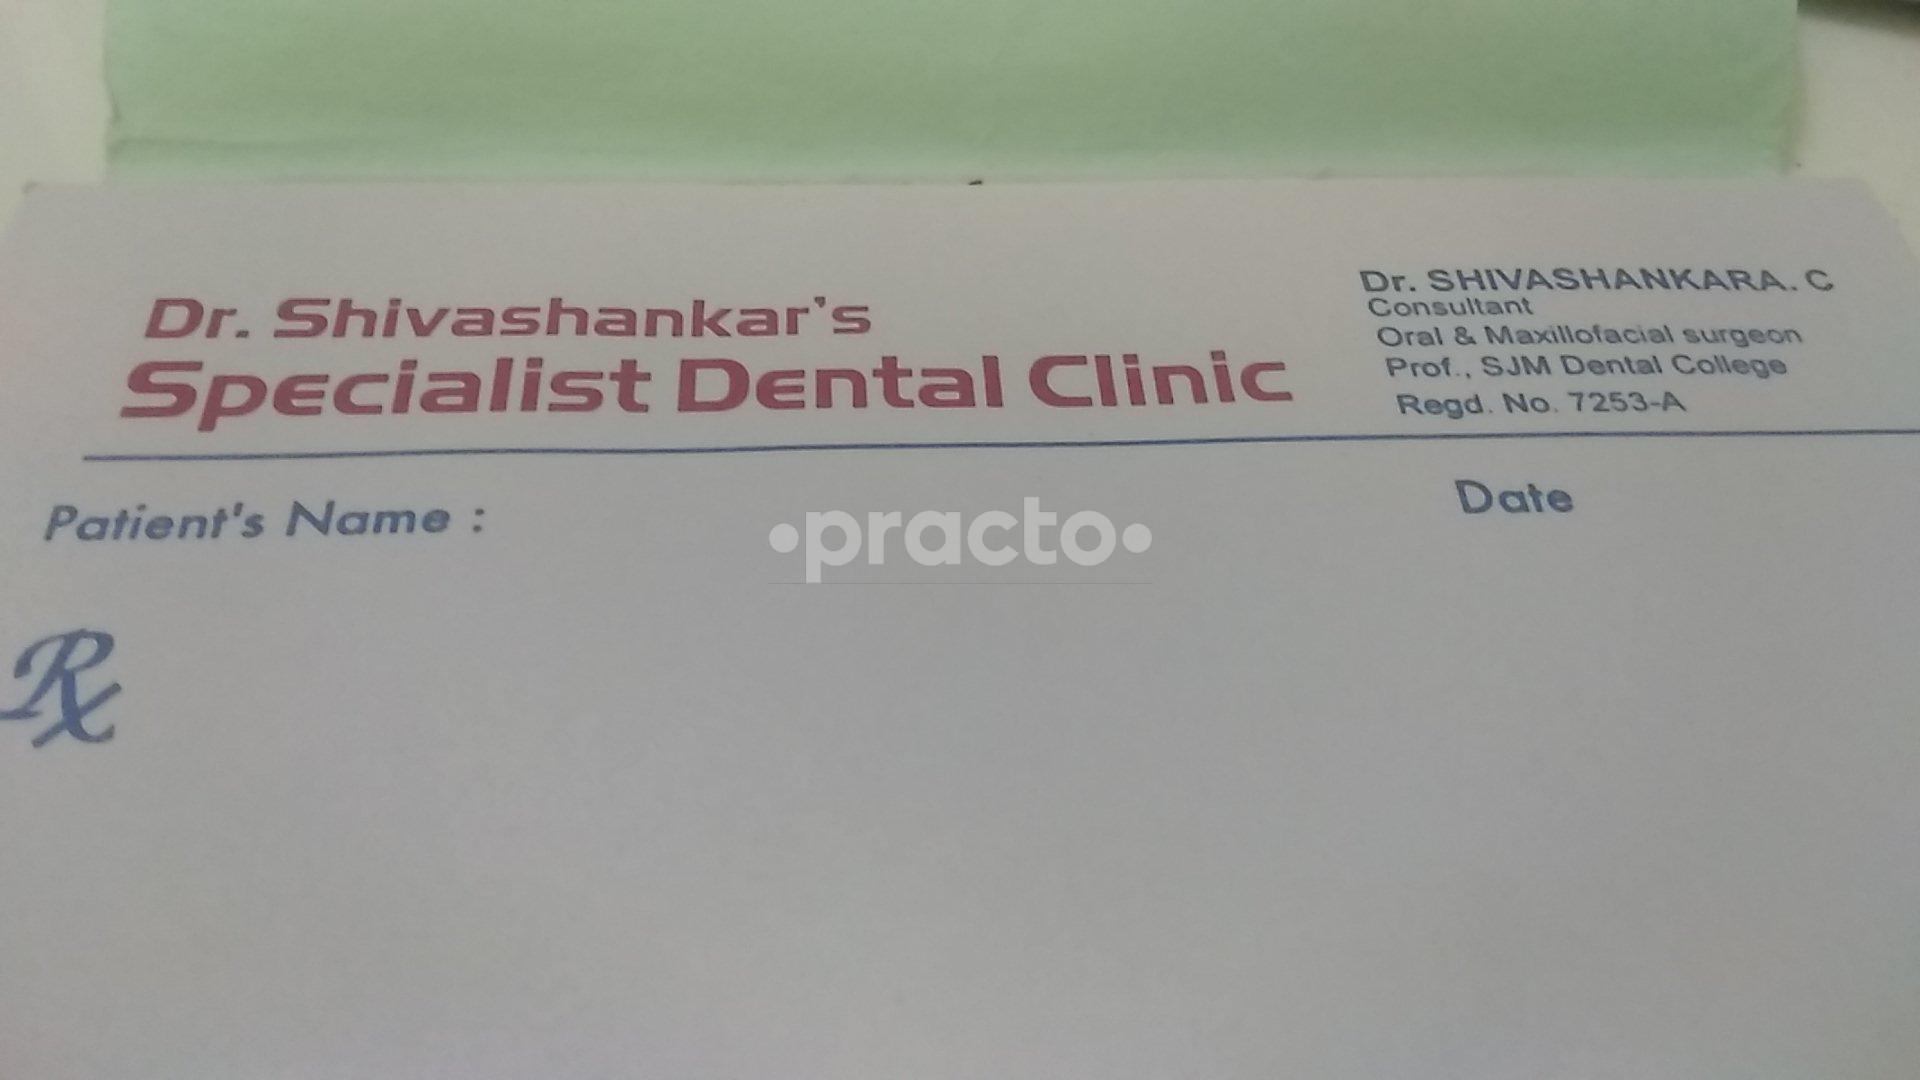 Dr.Shivashankar's Specialist Dental Clinic